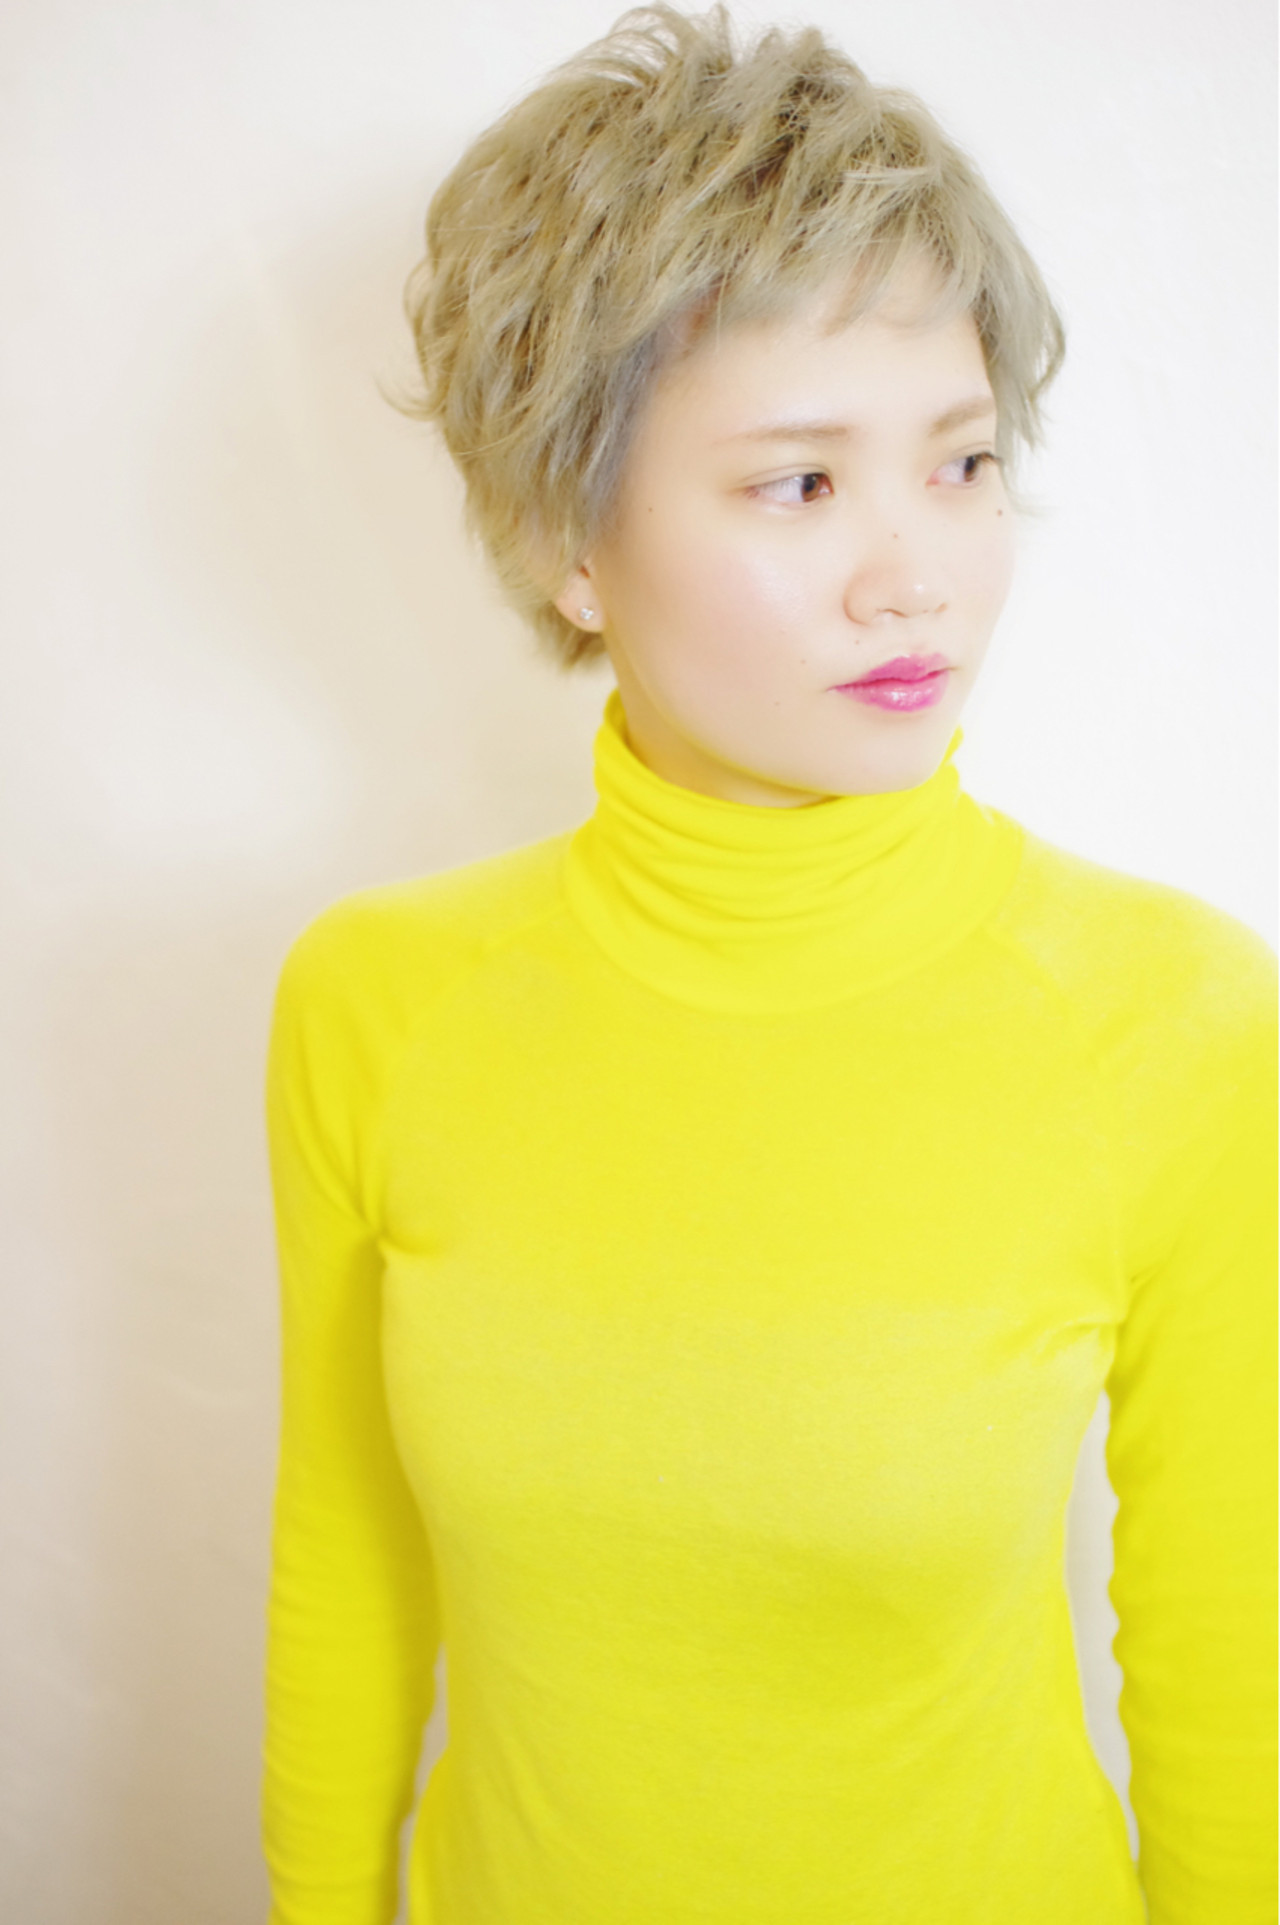 小顔 ブリーチ モード 外国人風 ヘアスタイルや髪型の写真・画像